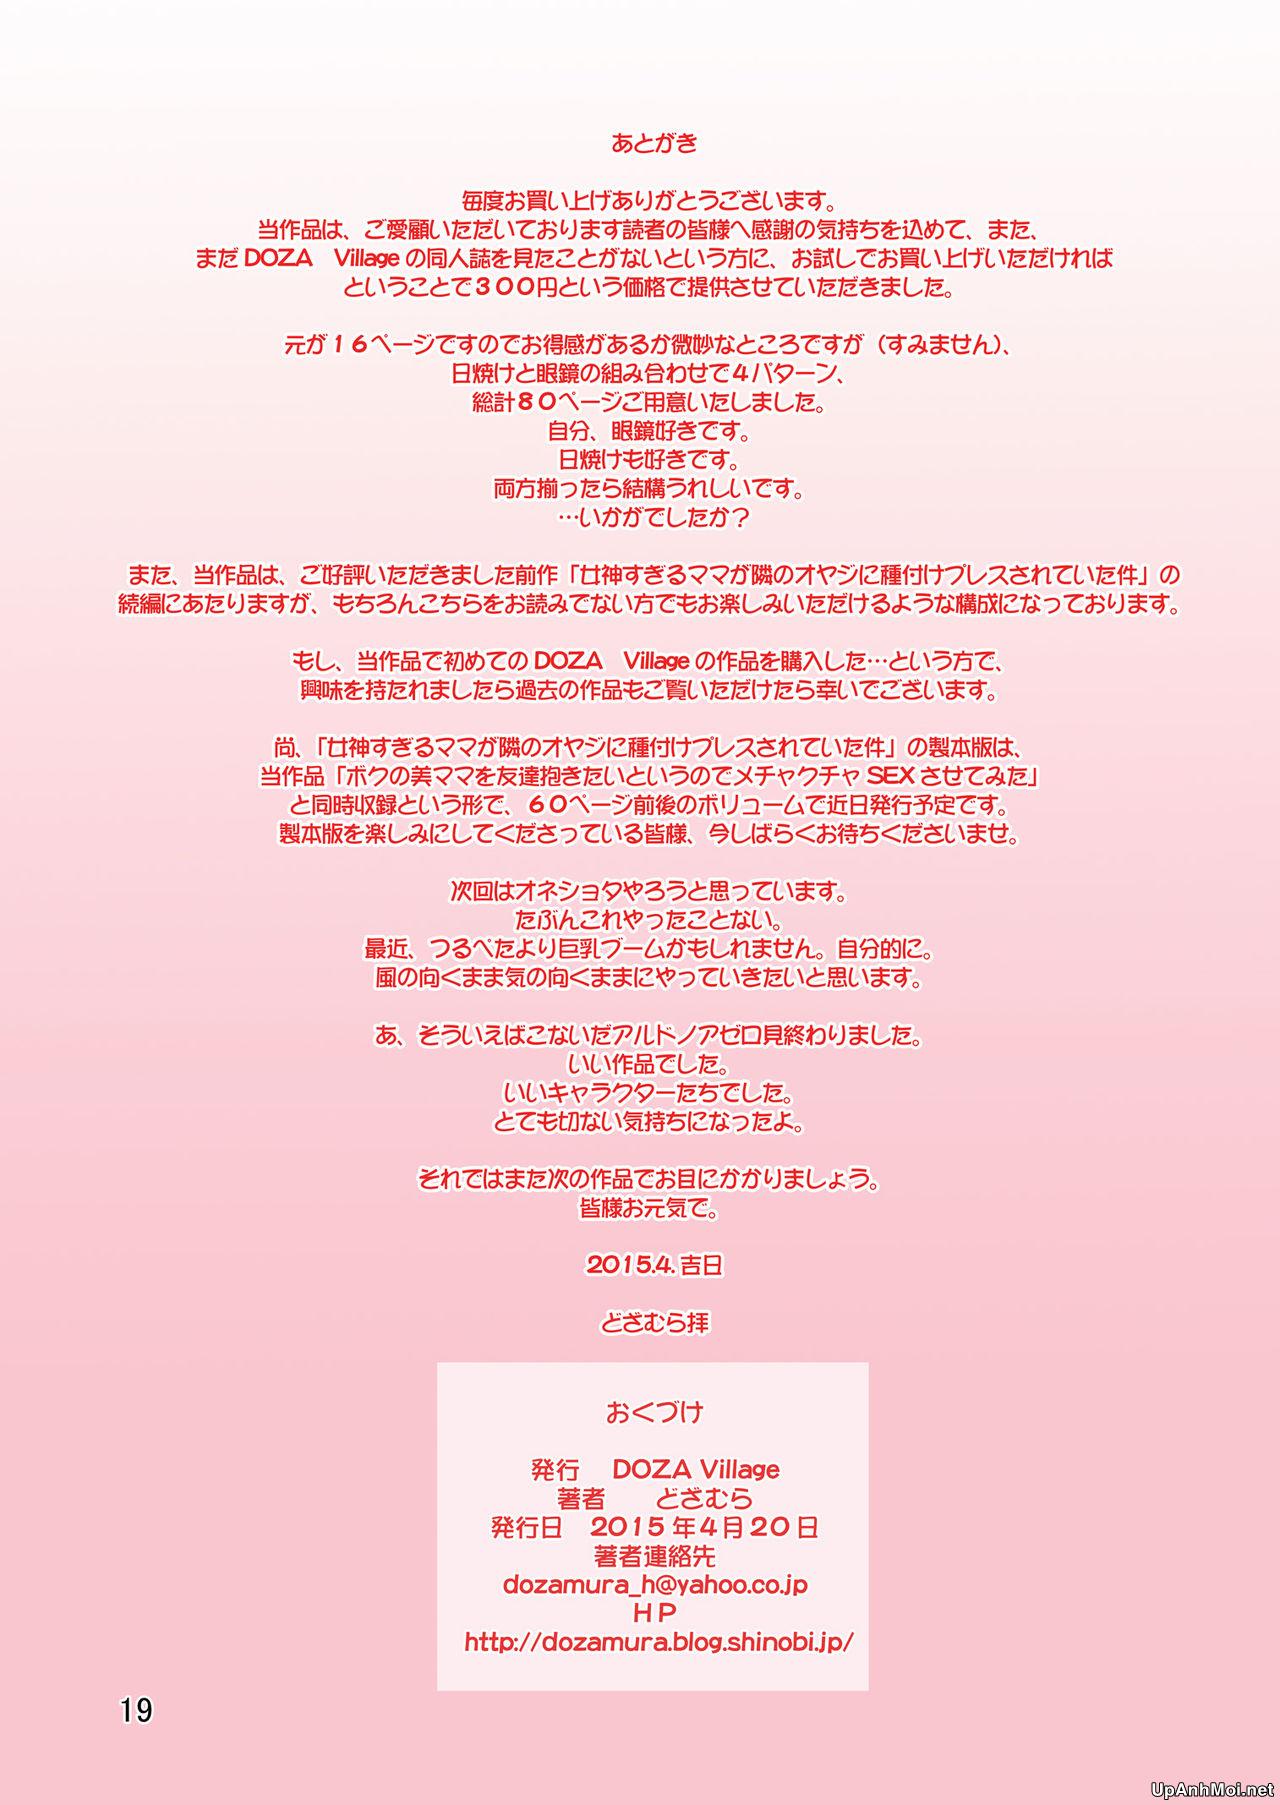 Hình ảnh  trong bài viết Boku no Bimama o Tomodachi ga Dakitai toiu no de Mechakucha SEX Sasete Mita